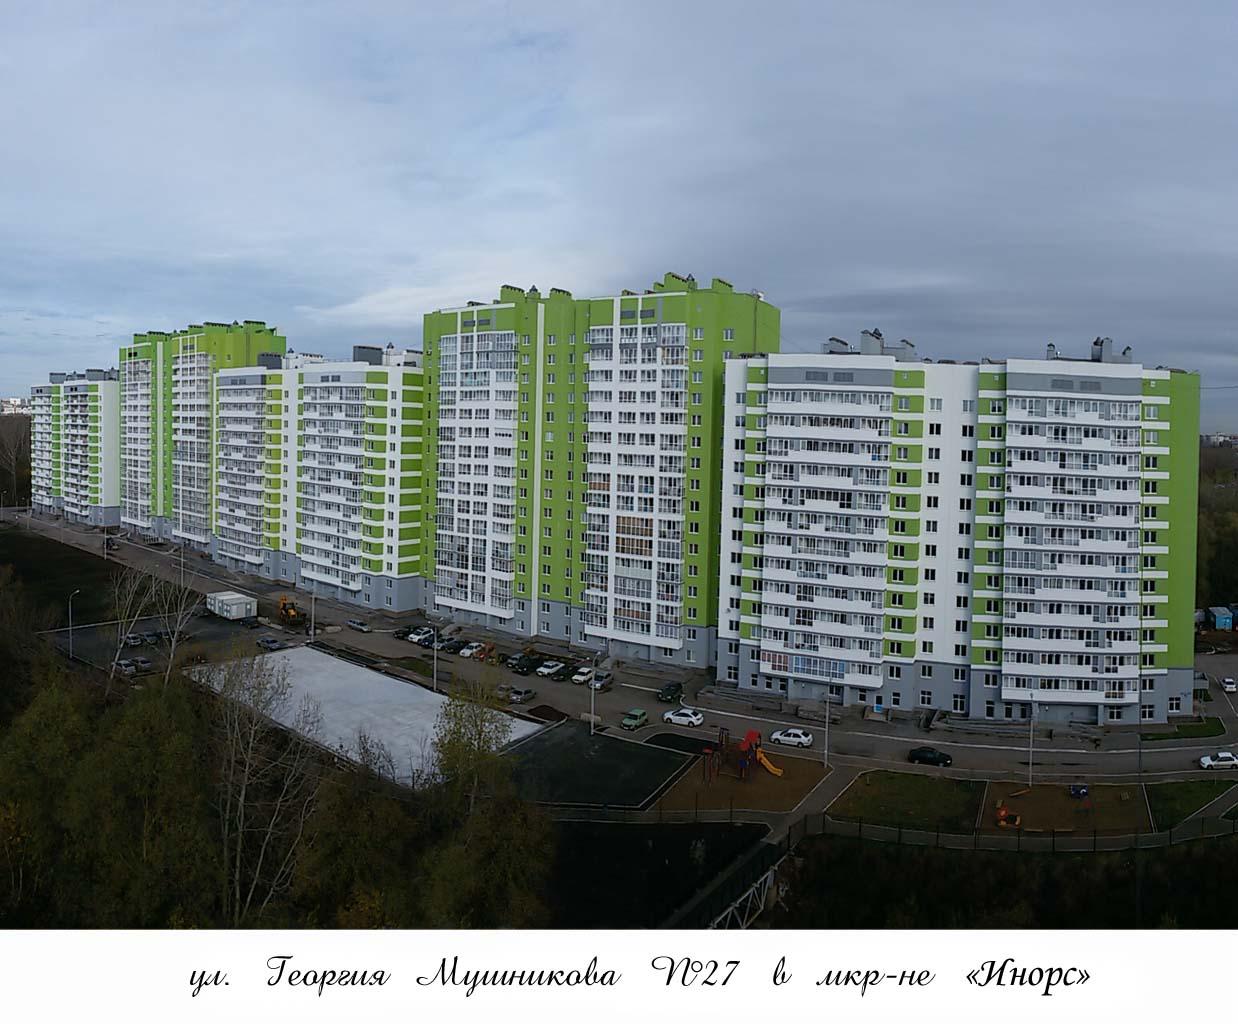 myshnikova